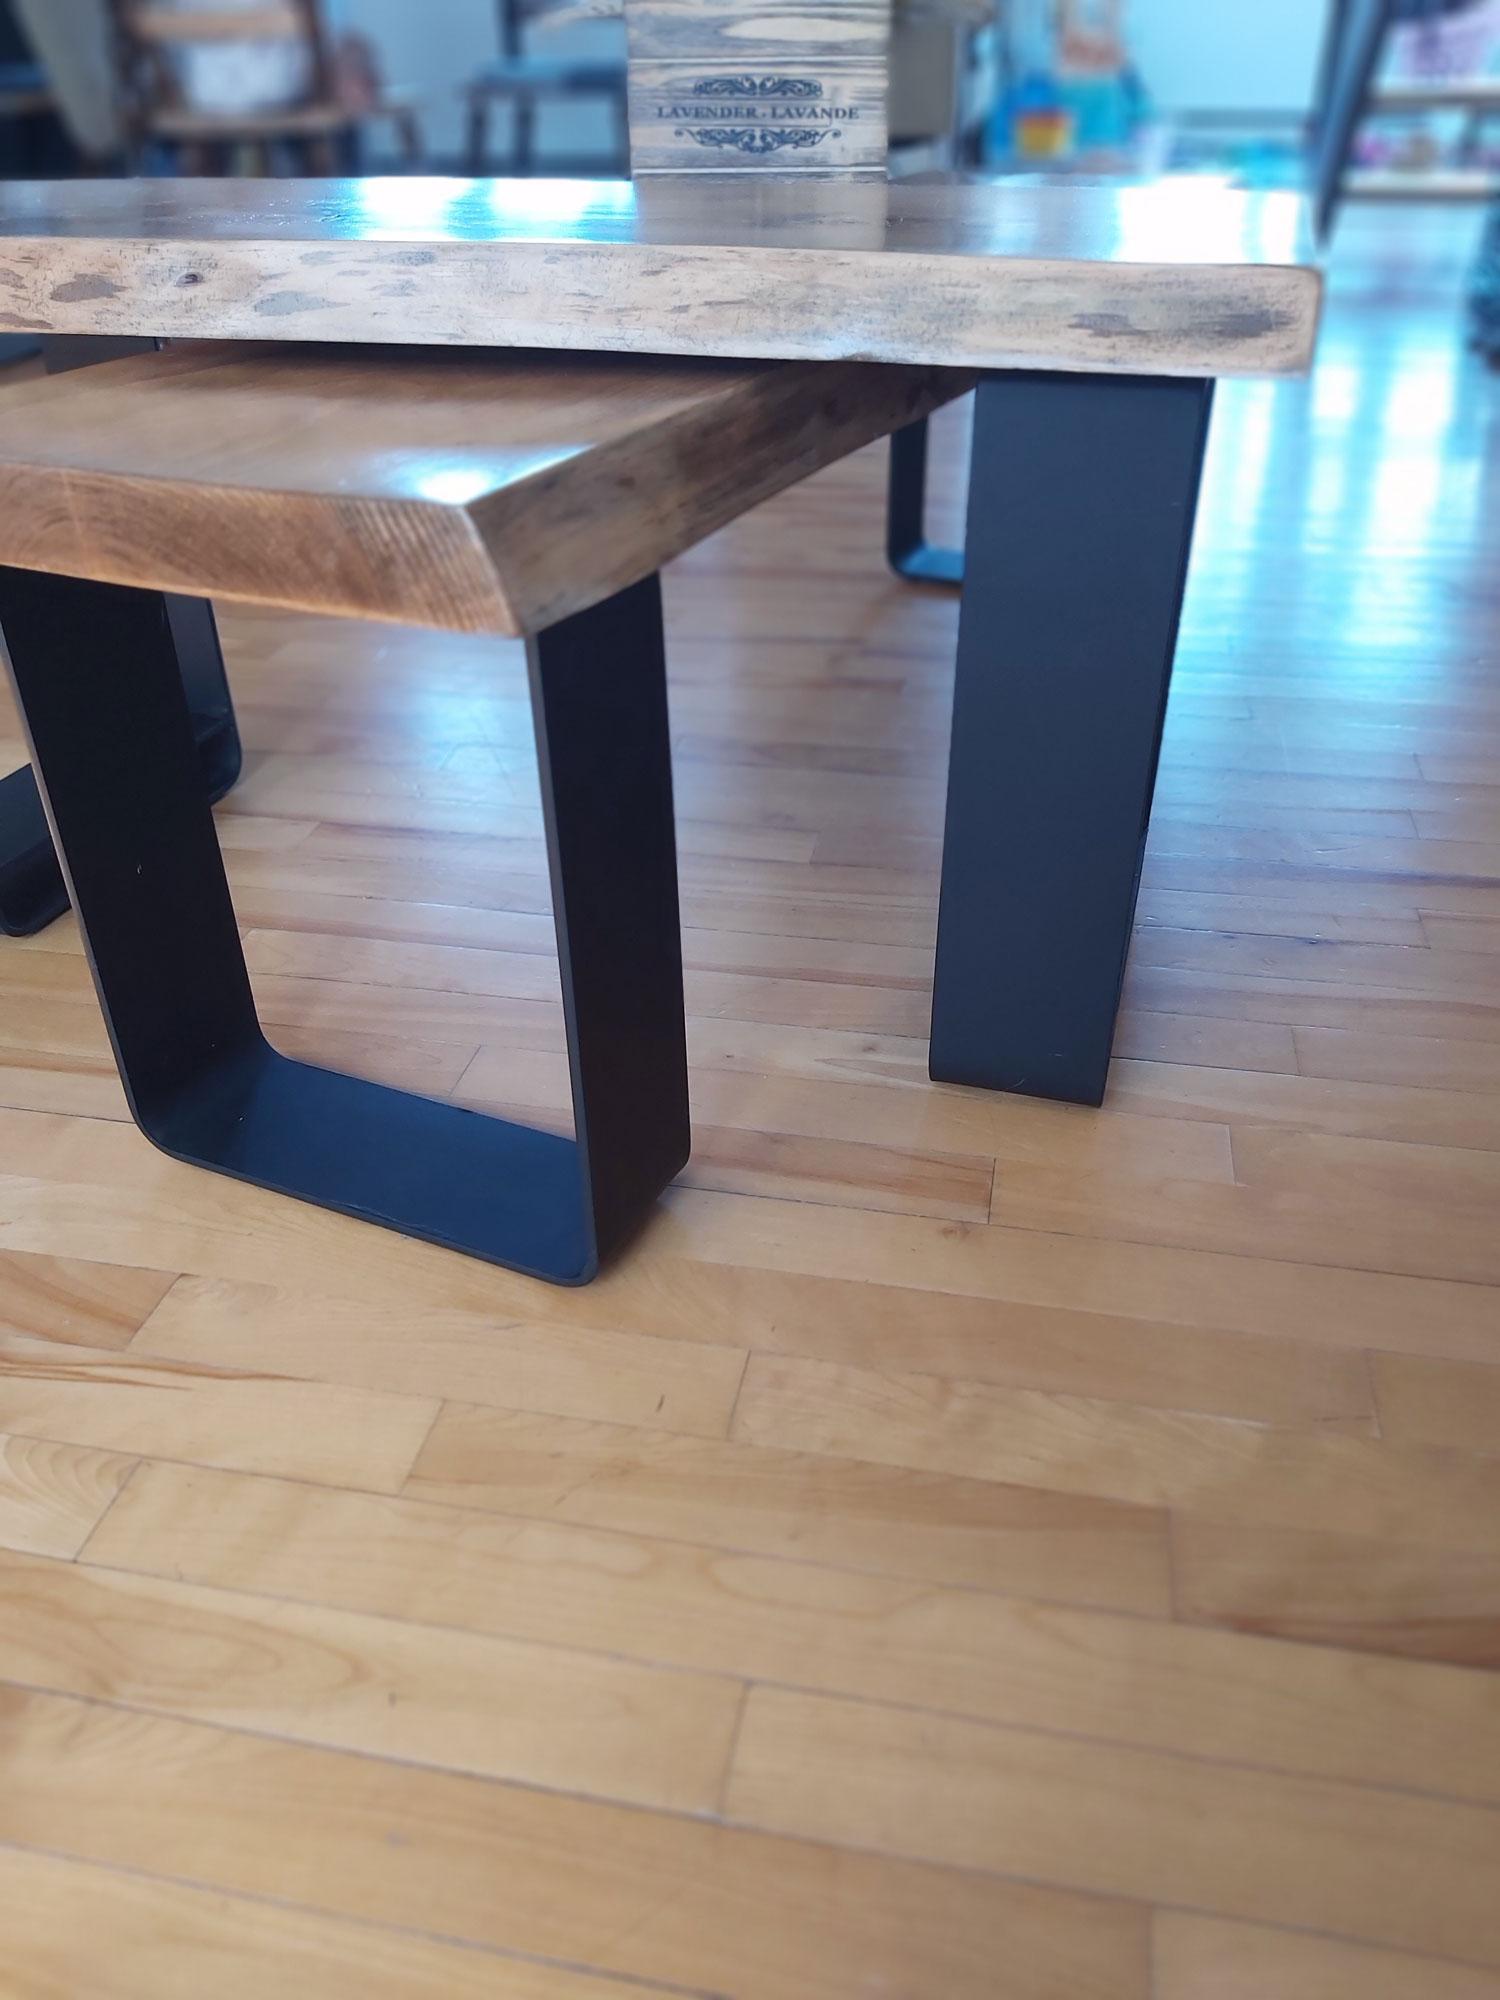 Pattes de table | Boutique ABM | Livrer. Toujours.